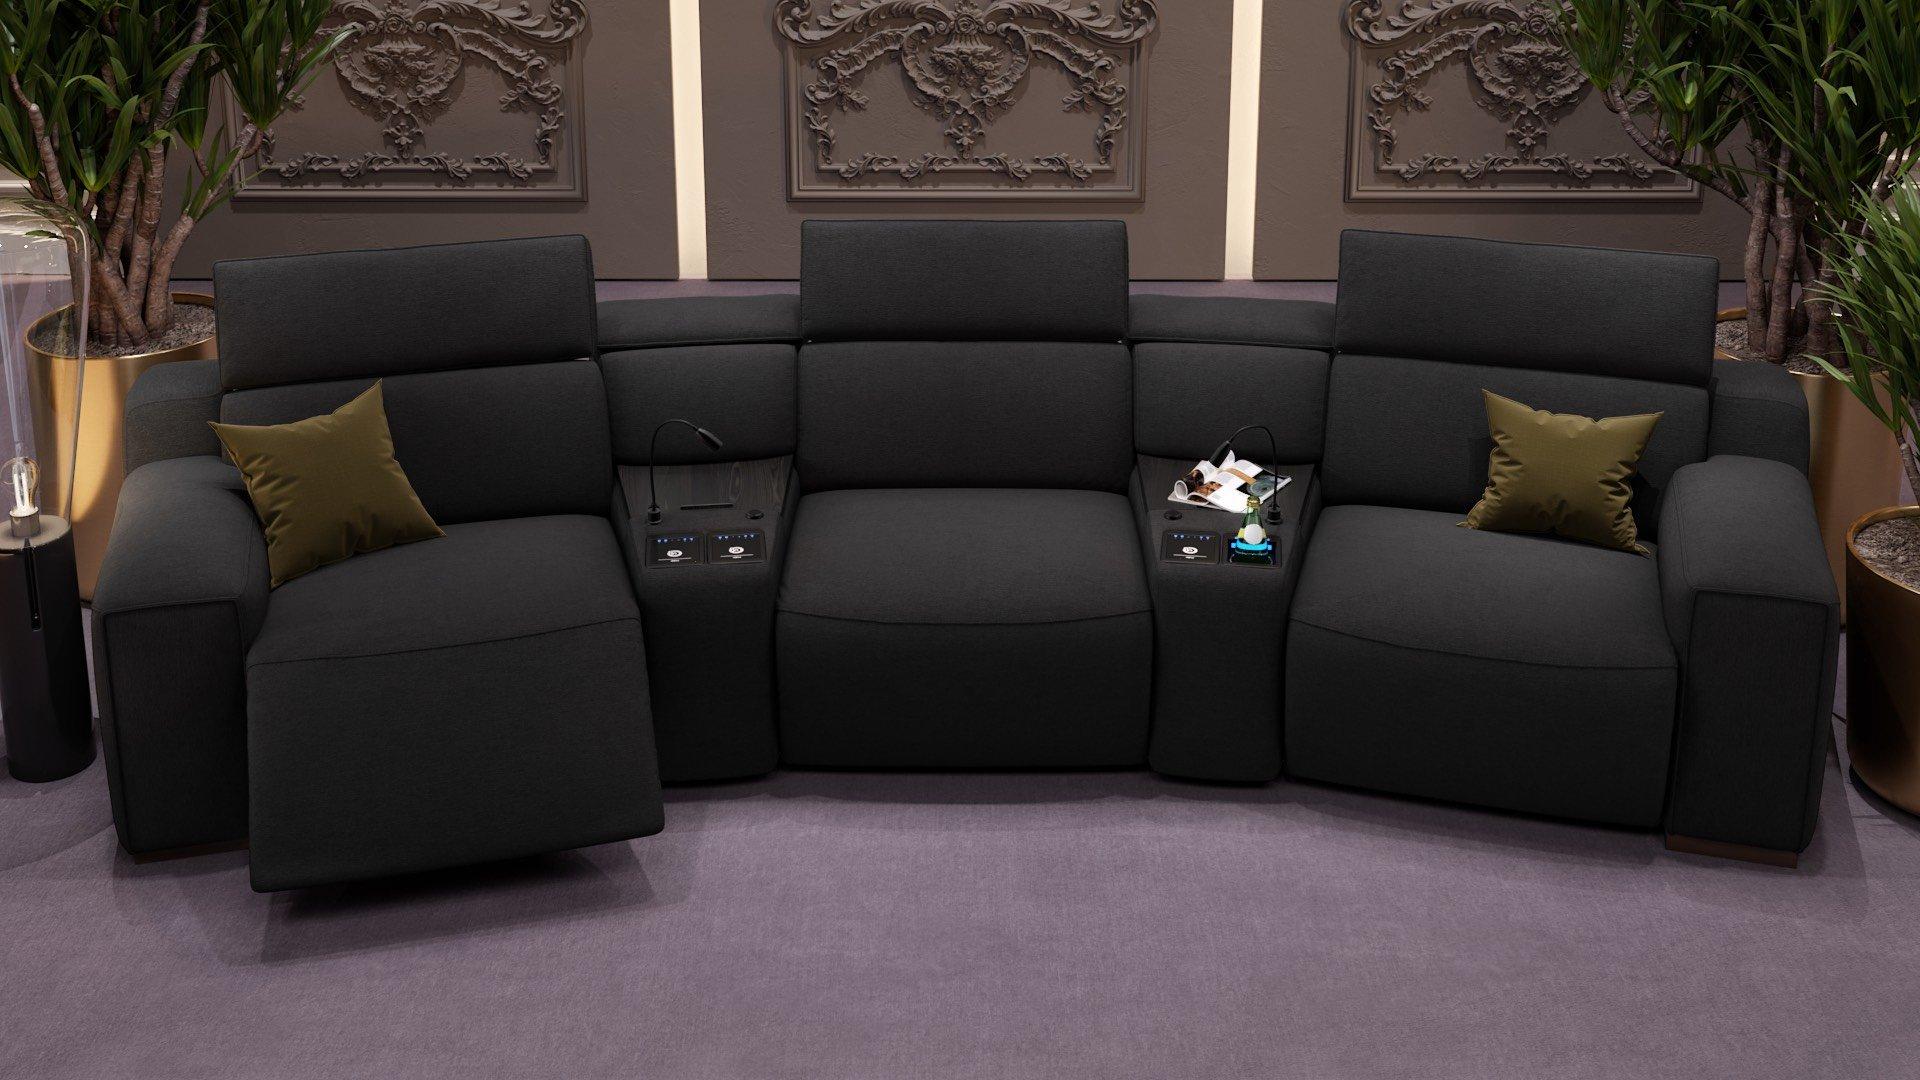 Stoff 3-Sitzer Kinosofa mit zwei Mittelkonsolen LORETO